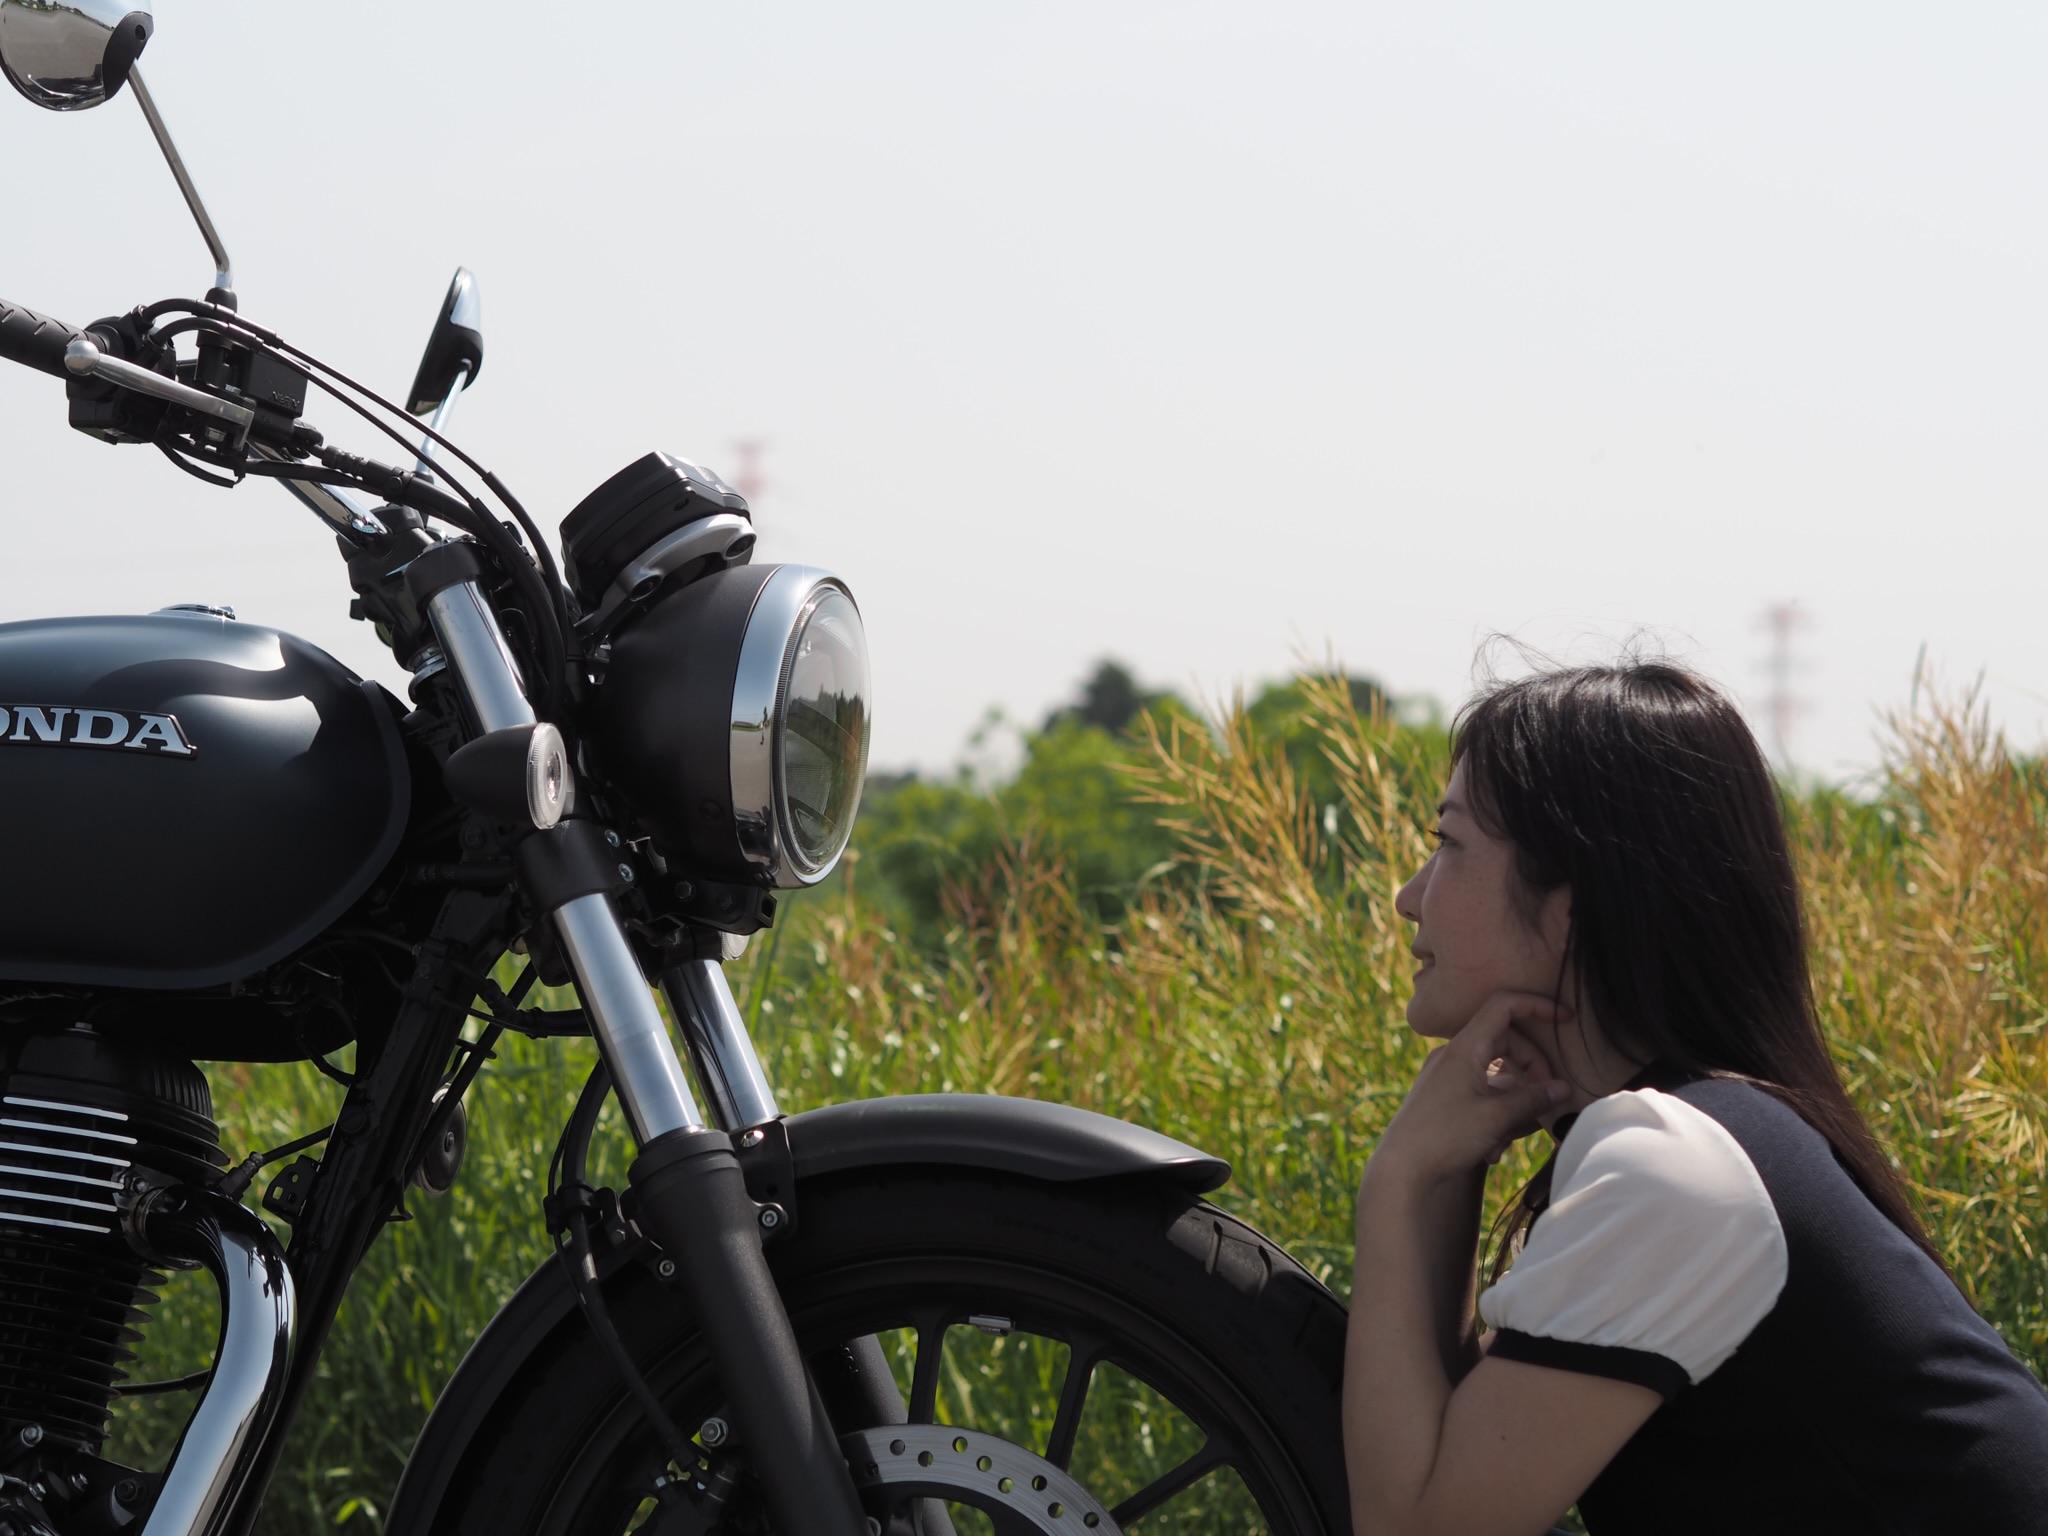 超人気!!!GB350試乗レポート 低身長バイク女子目線 乗って見た感想を主観でレポートします♪